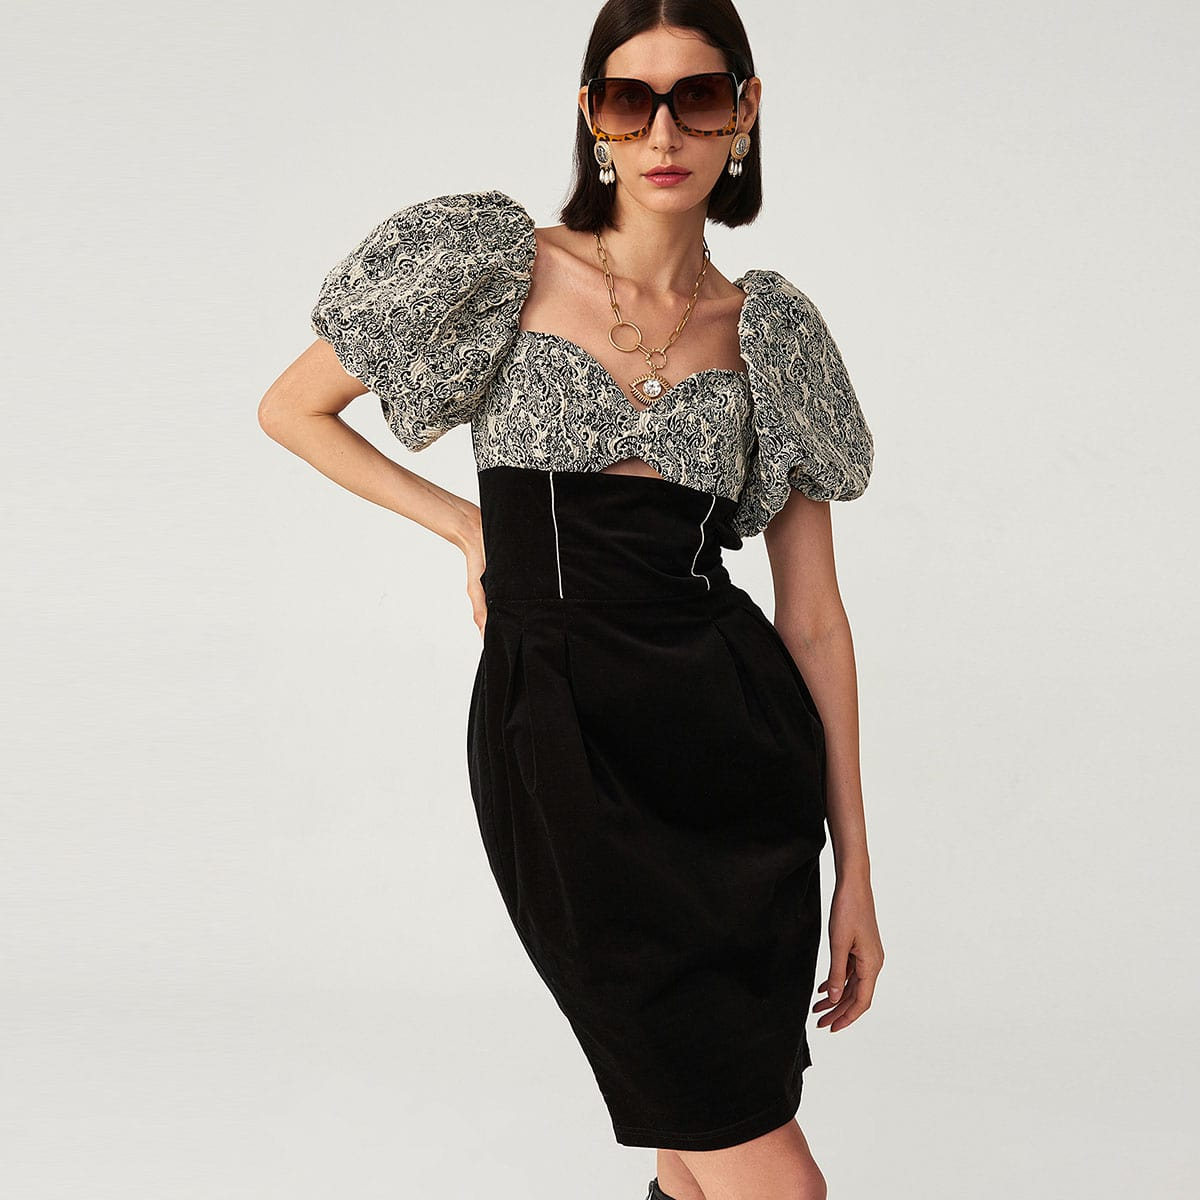 Жаккардовое платье с пышным рукавом